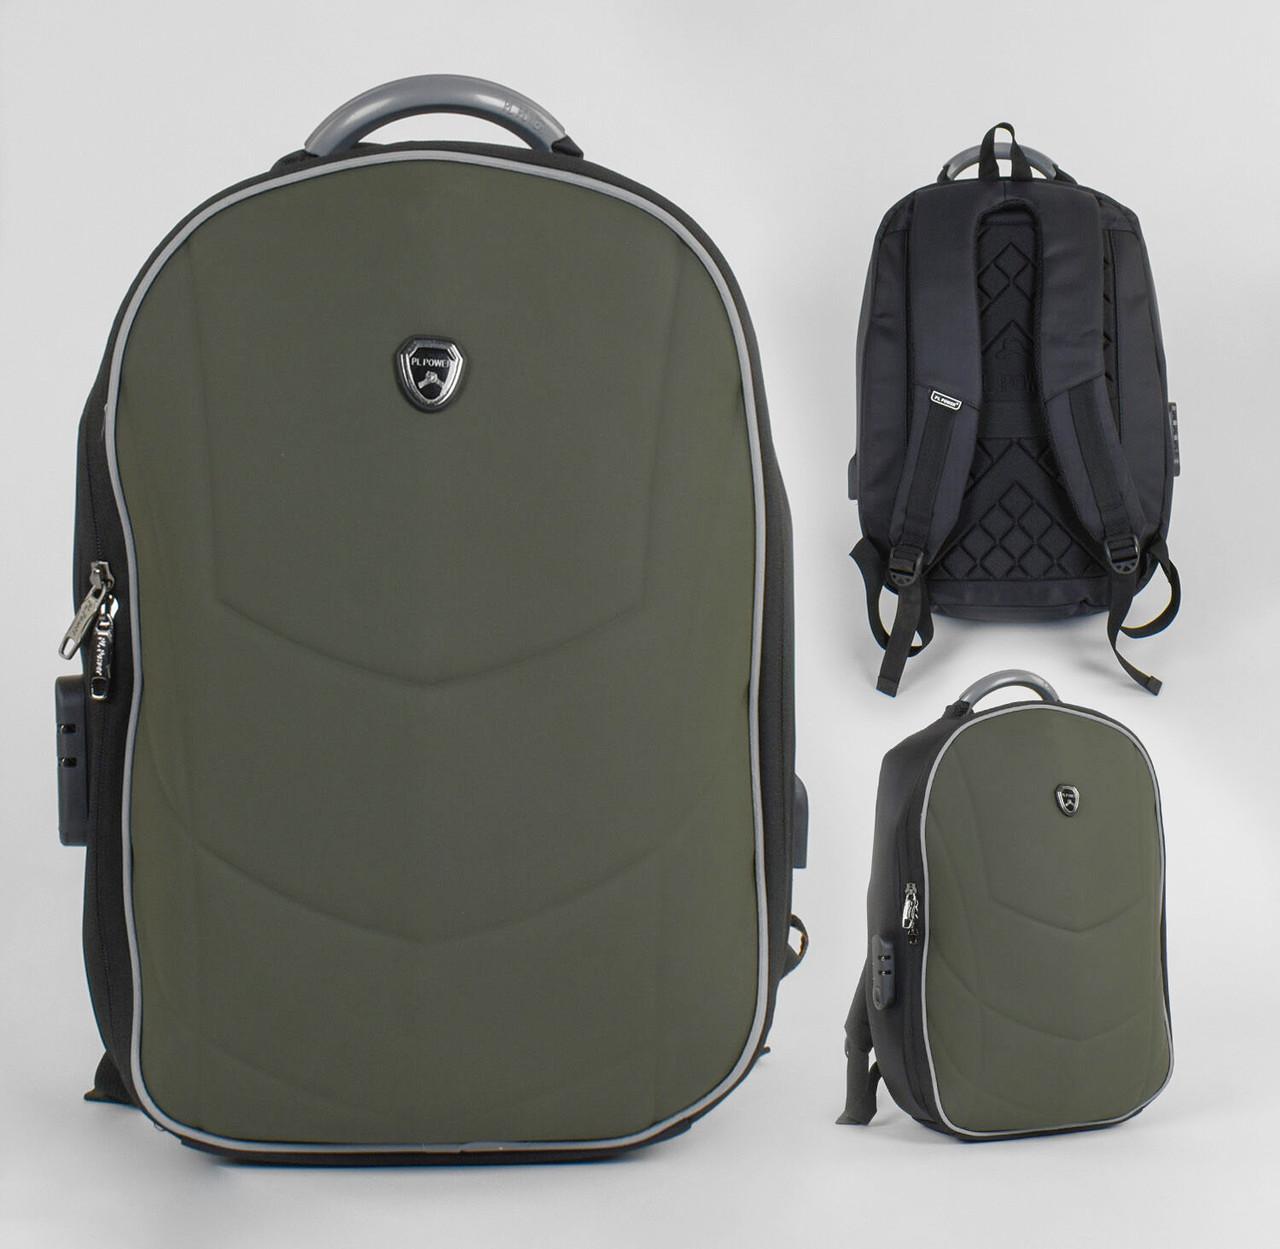 + Подарок Рюкзак защитный бампер, usb кабель, разьем для наушников, кодовый замок, в пакете.